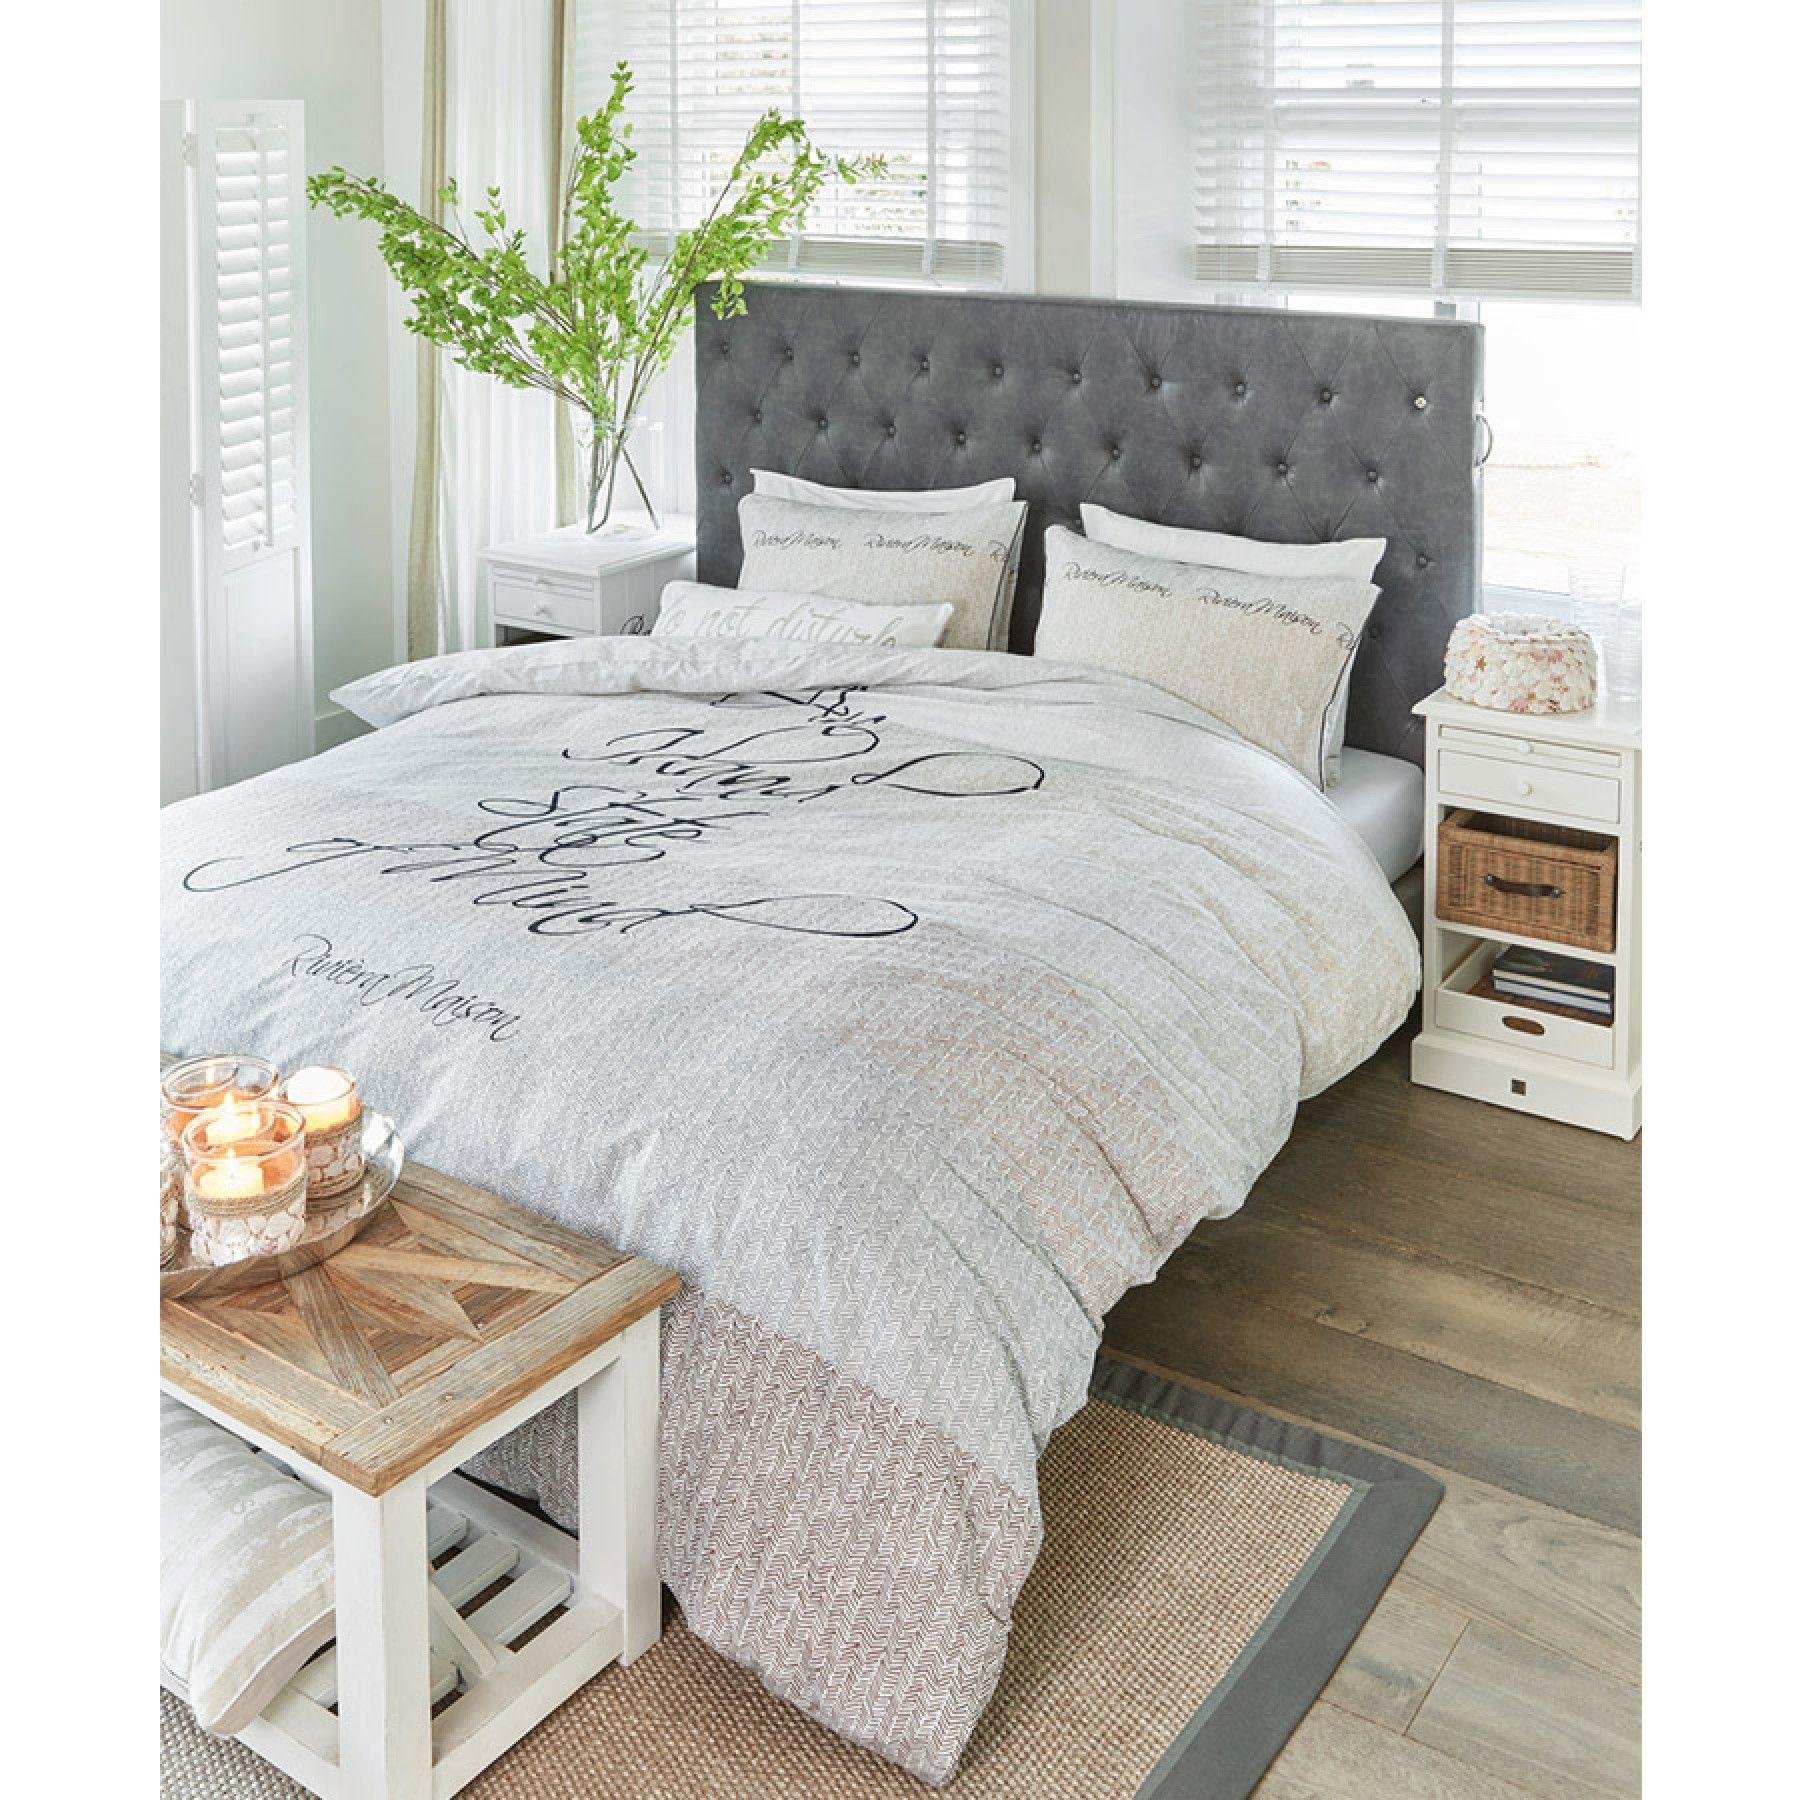 Slaapkamer in landelijke stijl met het mooi Rivièra Maison ...